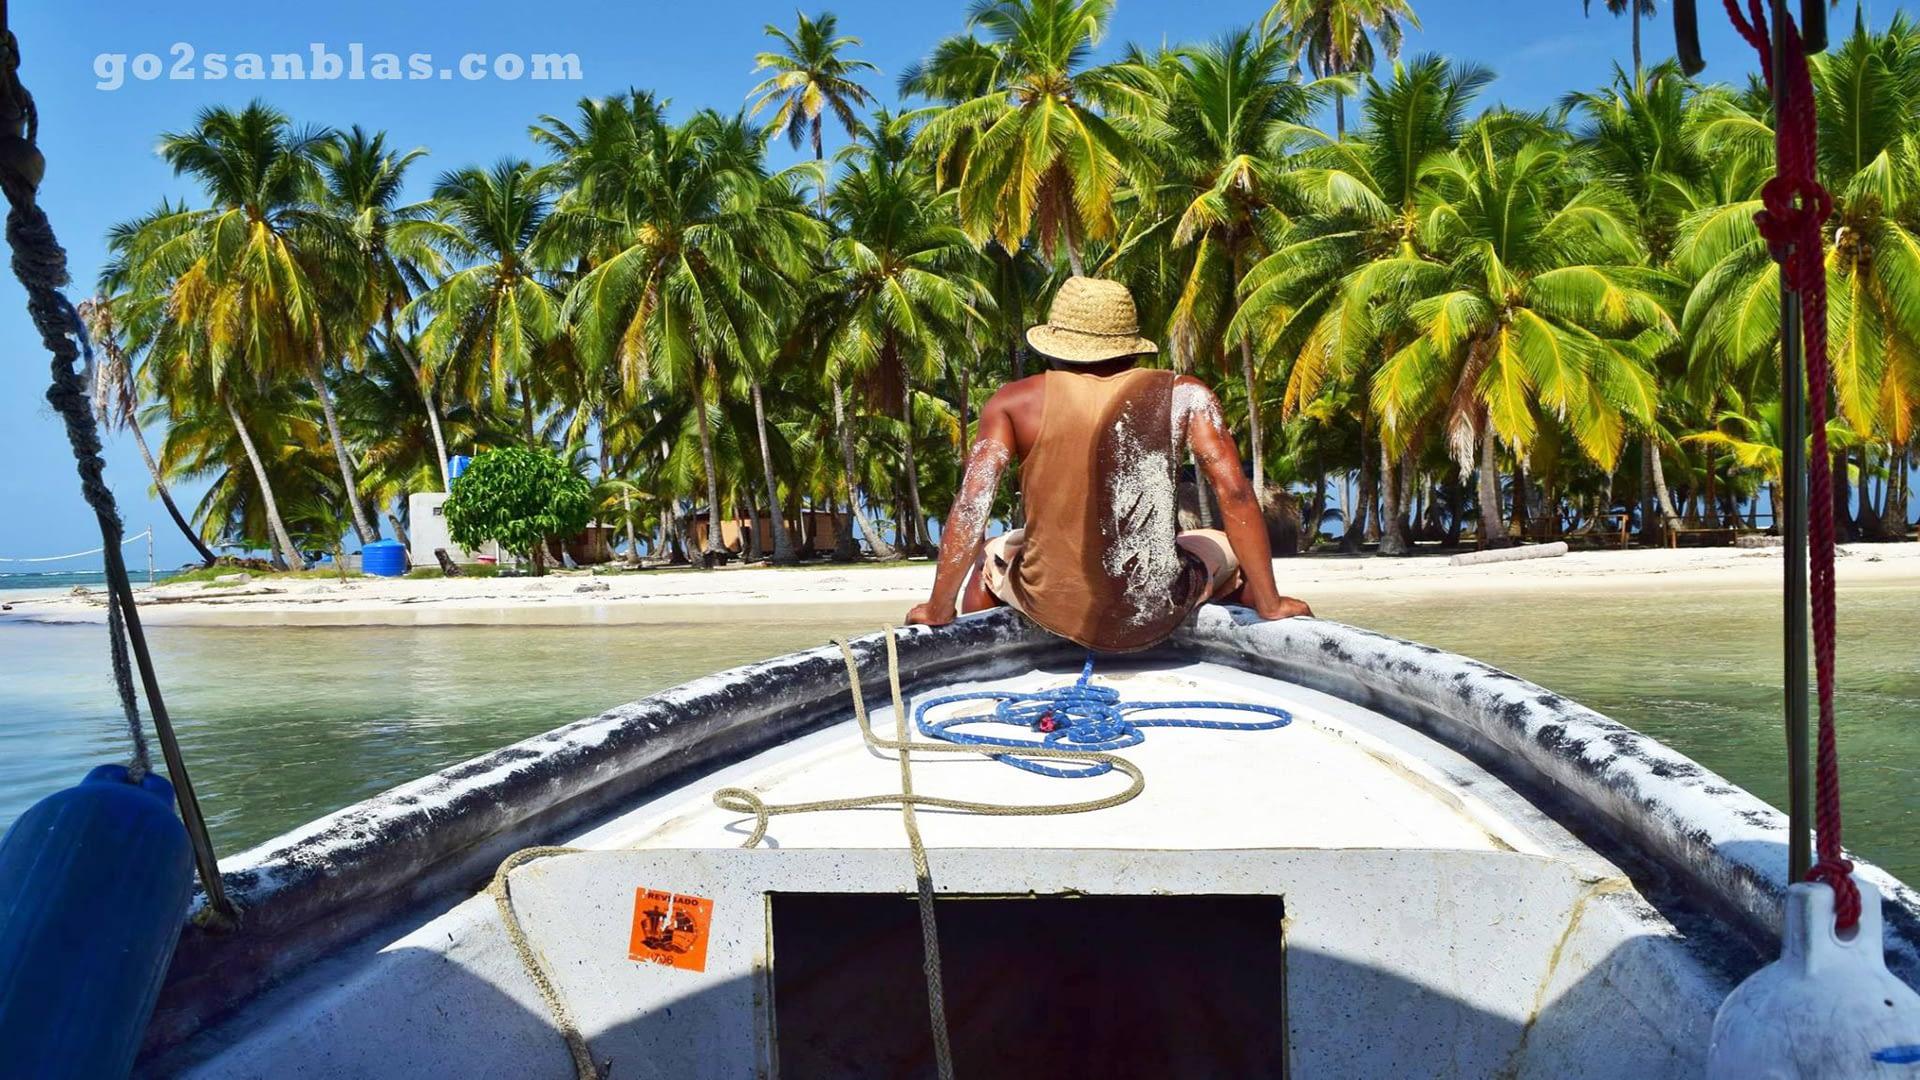 Llegando a la Isla Yansailadub